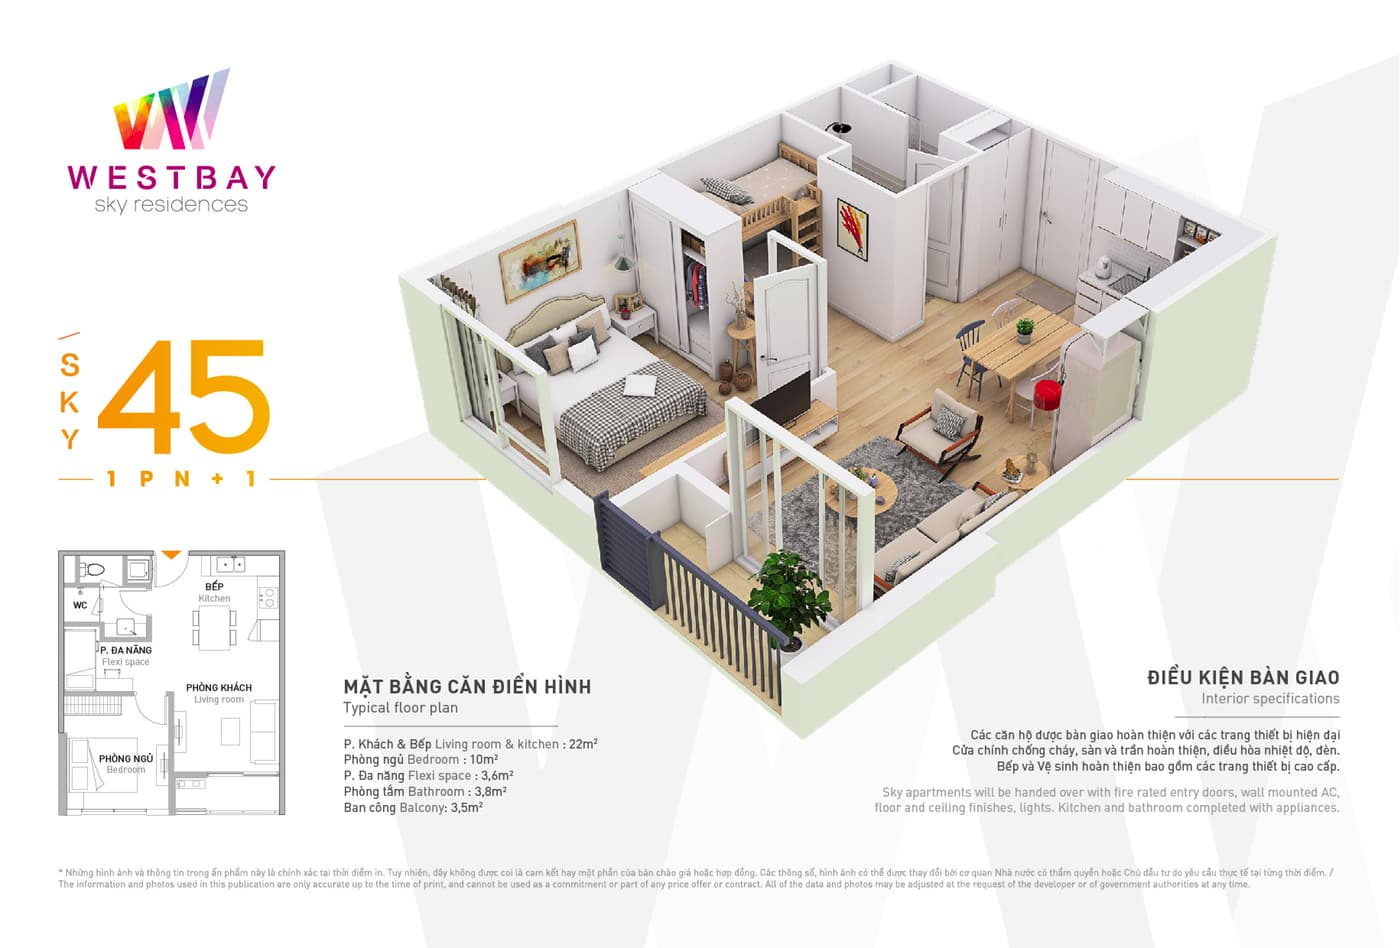 Mặt bằng căn hộ chung cư Westbay Ecopark - 45m2